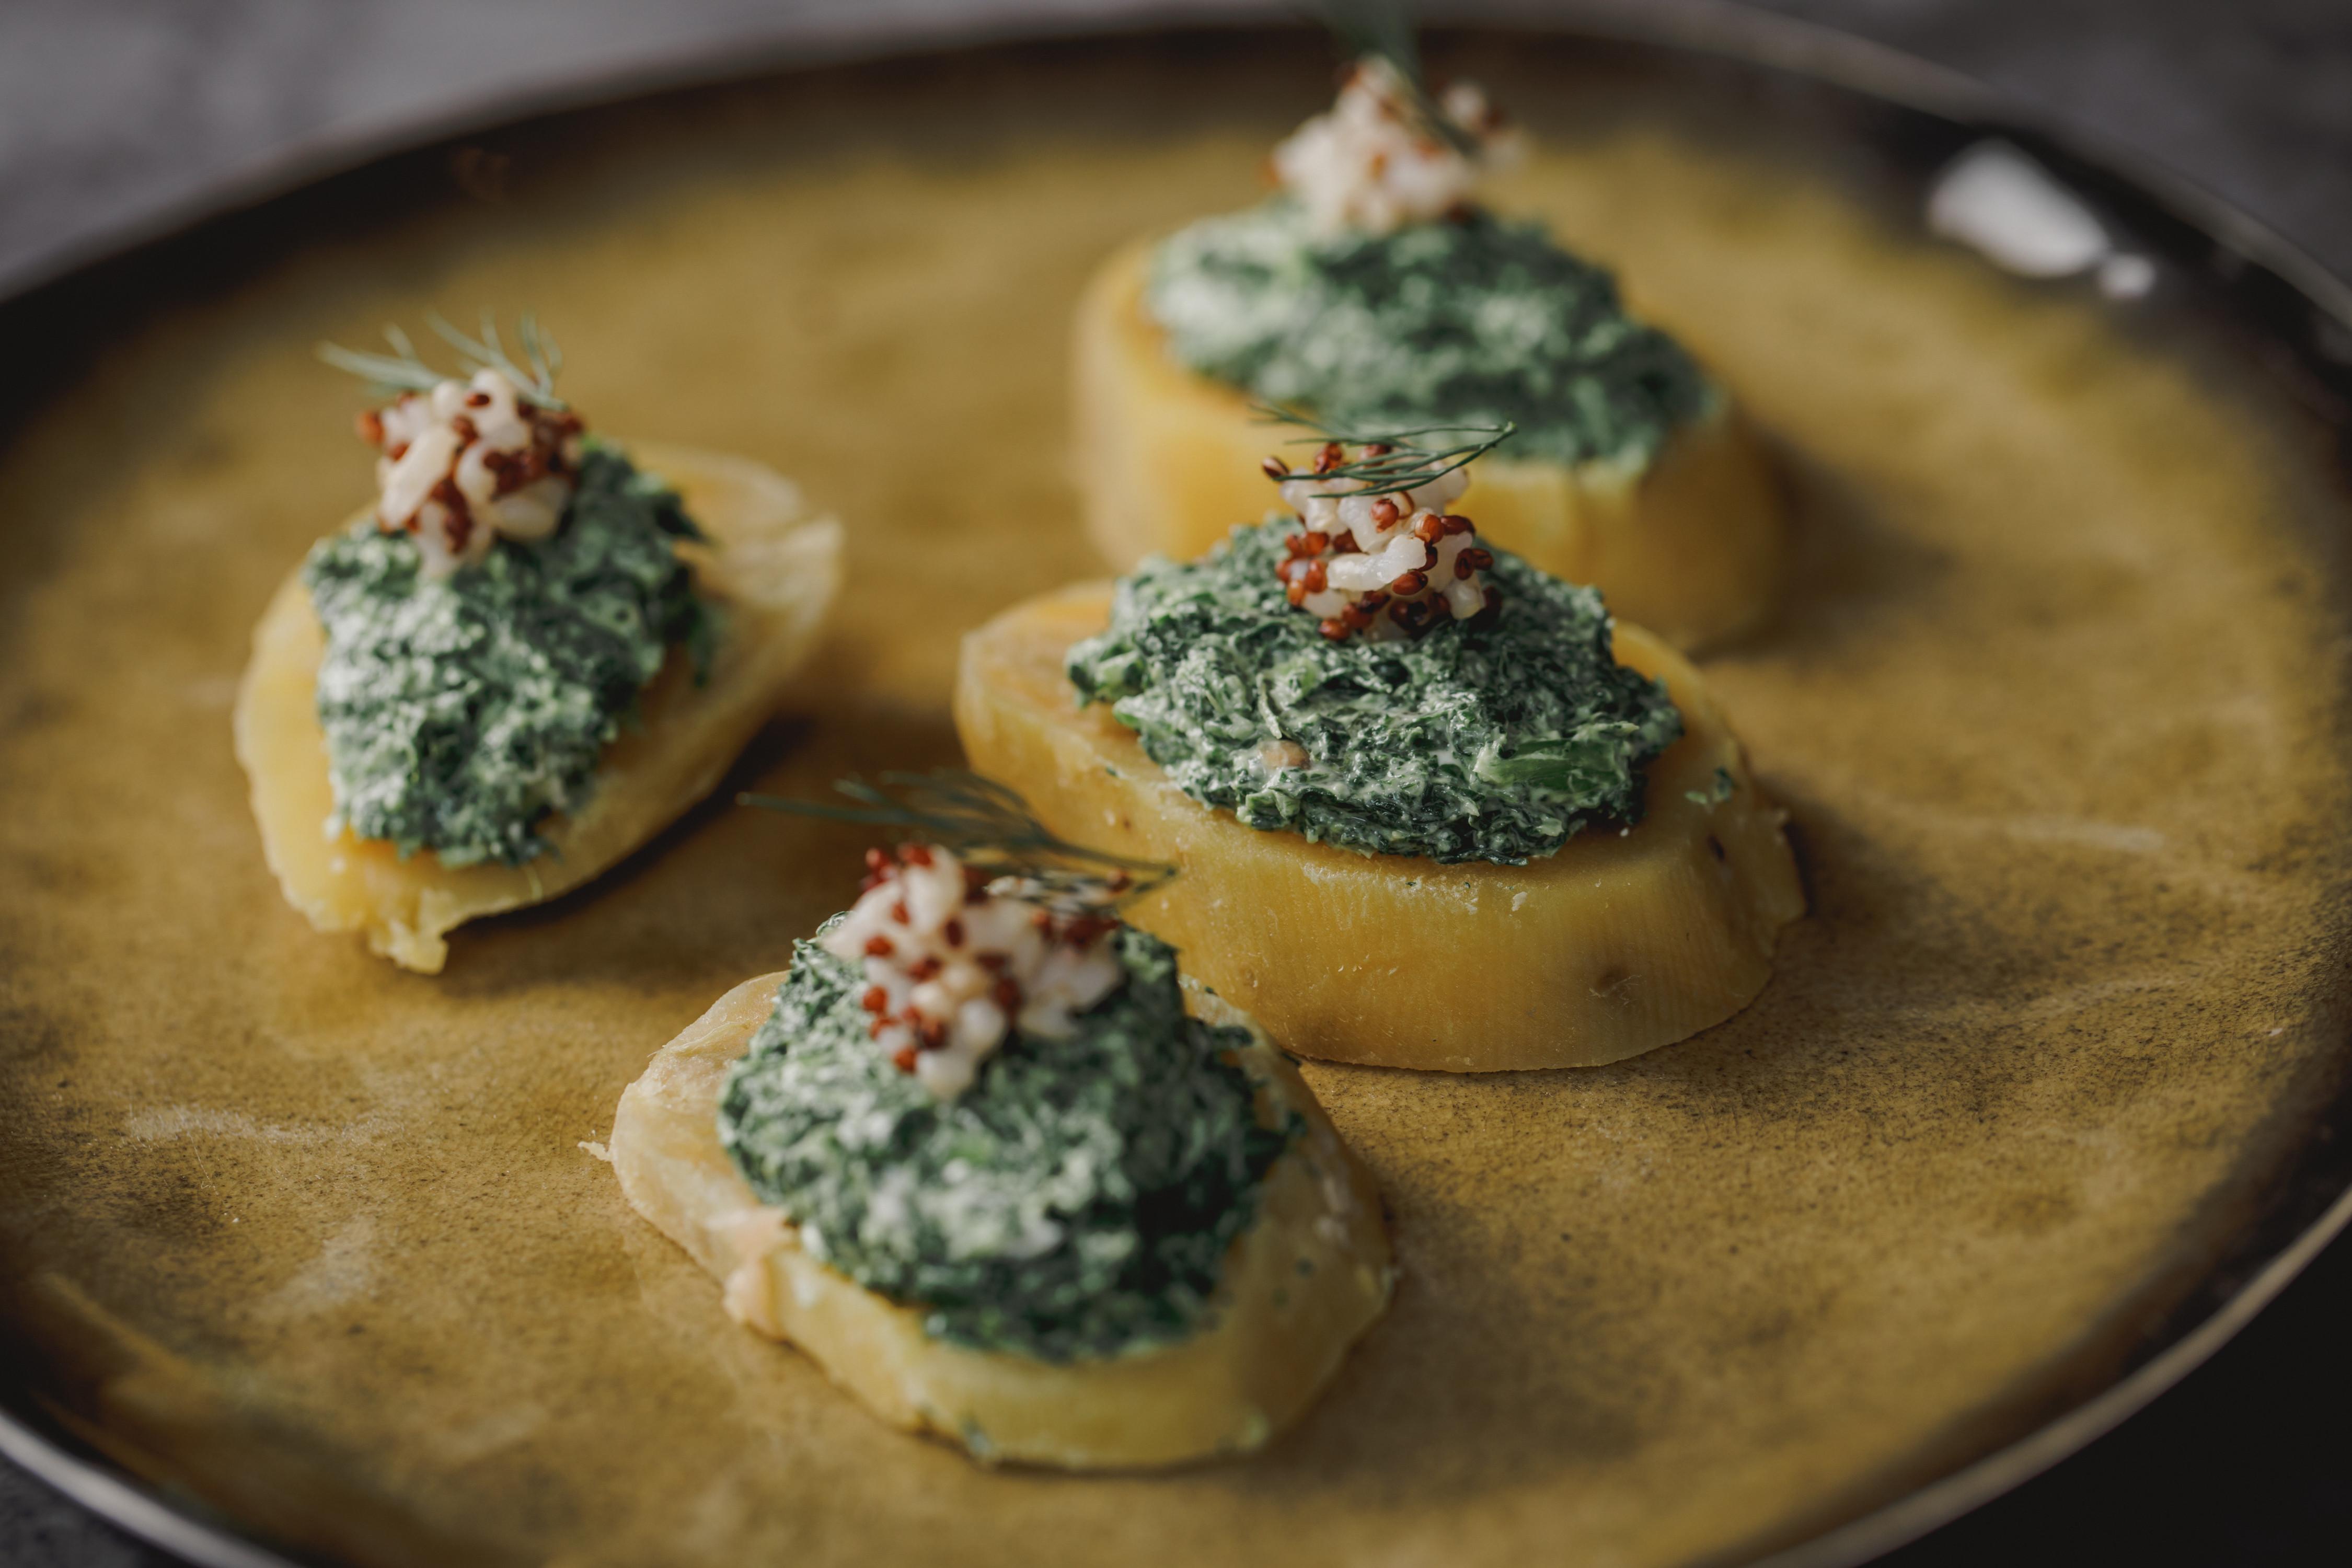 低醣料理 <蔬菜> 瑞可達乳酪抹醬地瓜